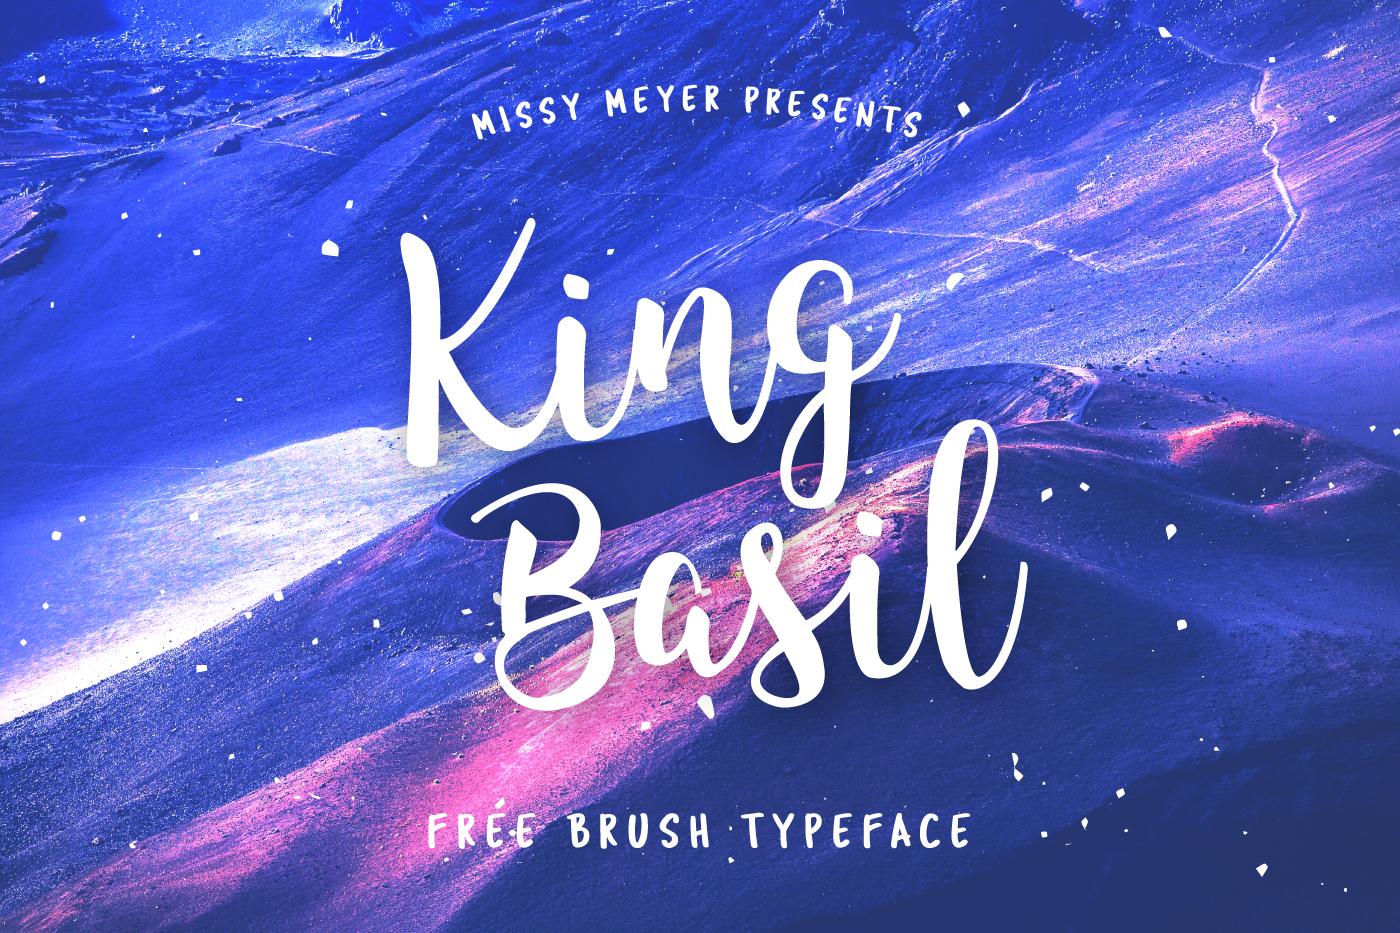 Free brush font - King Basil frebie